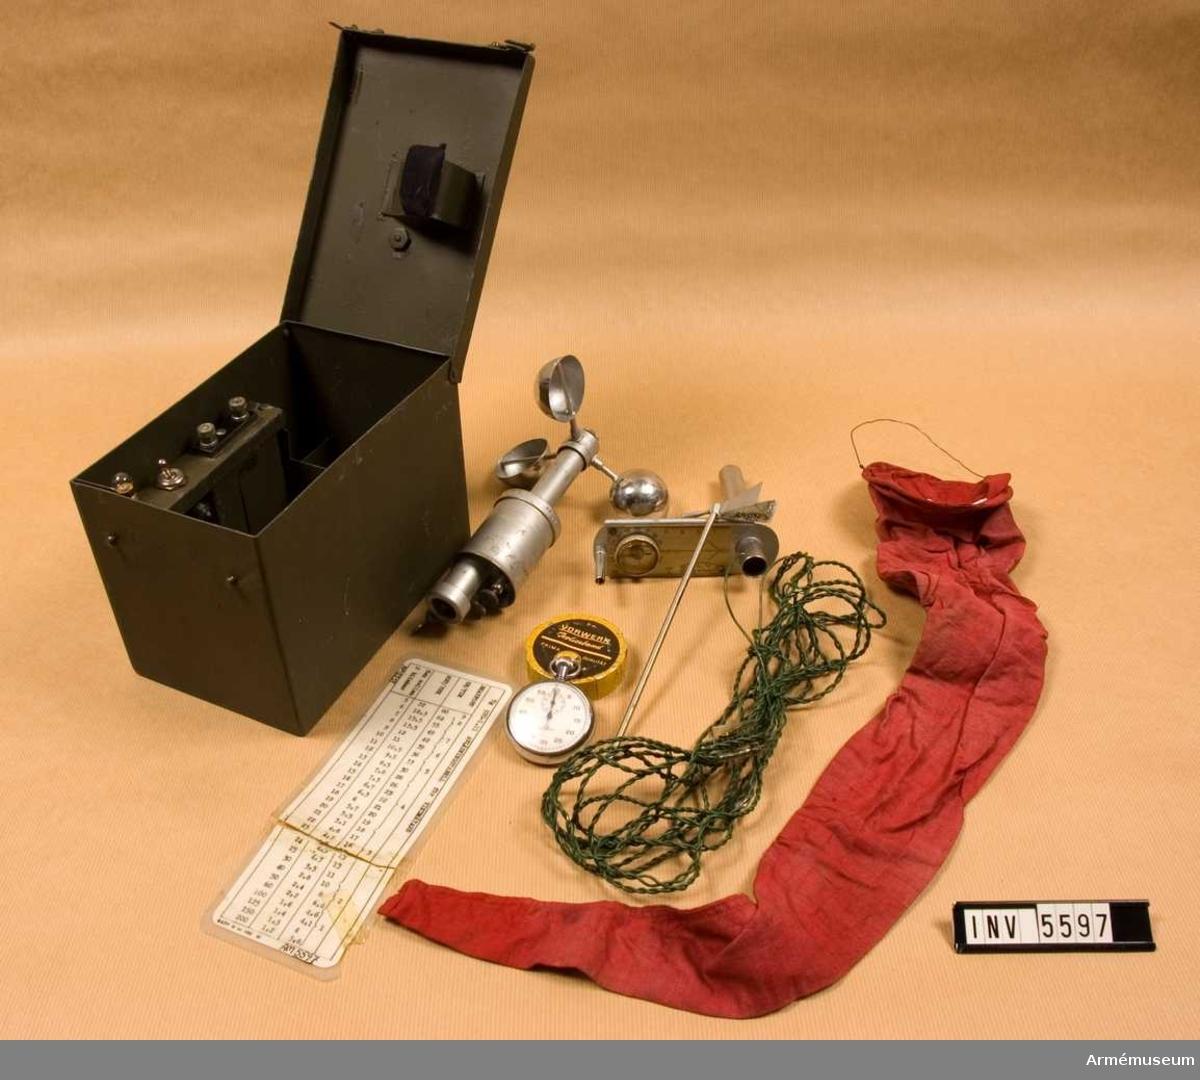 Består av: 1 låda av järnplåt, 195x127x140 mm, 1 avläsningstabell, 1 hållare, 2 isolerband, 1 kabel, 1 signalplint, 2 glödlampor, 1 skålkorsanemometer, 1 stoppur 1/5 s m boett nr 232 (1942) S Bergenheim, Stockholm, (import), 1 vindfana av väv.Vikt m tillb./förvaringslåda: 2300 gr.